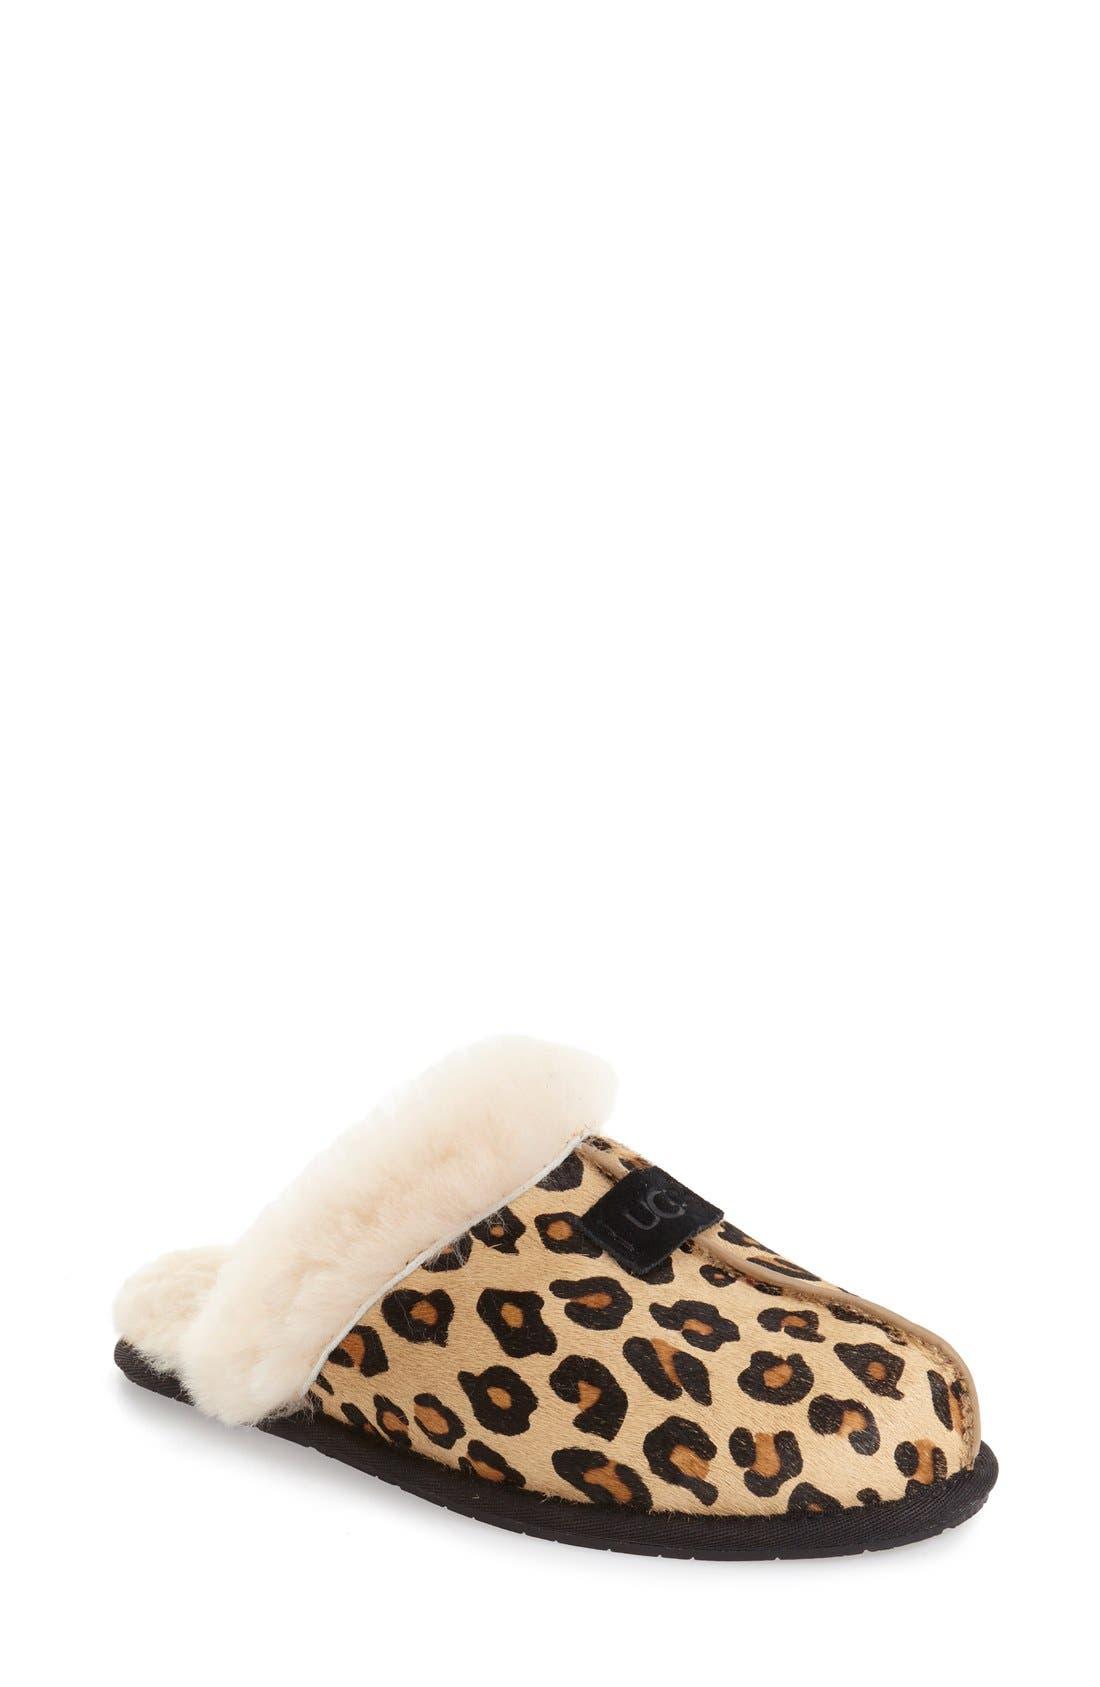 UGG® Scuffette II Leopard Spot Calf Hair Genuine Shearling Cuff Slipper (Women)